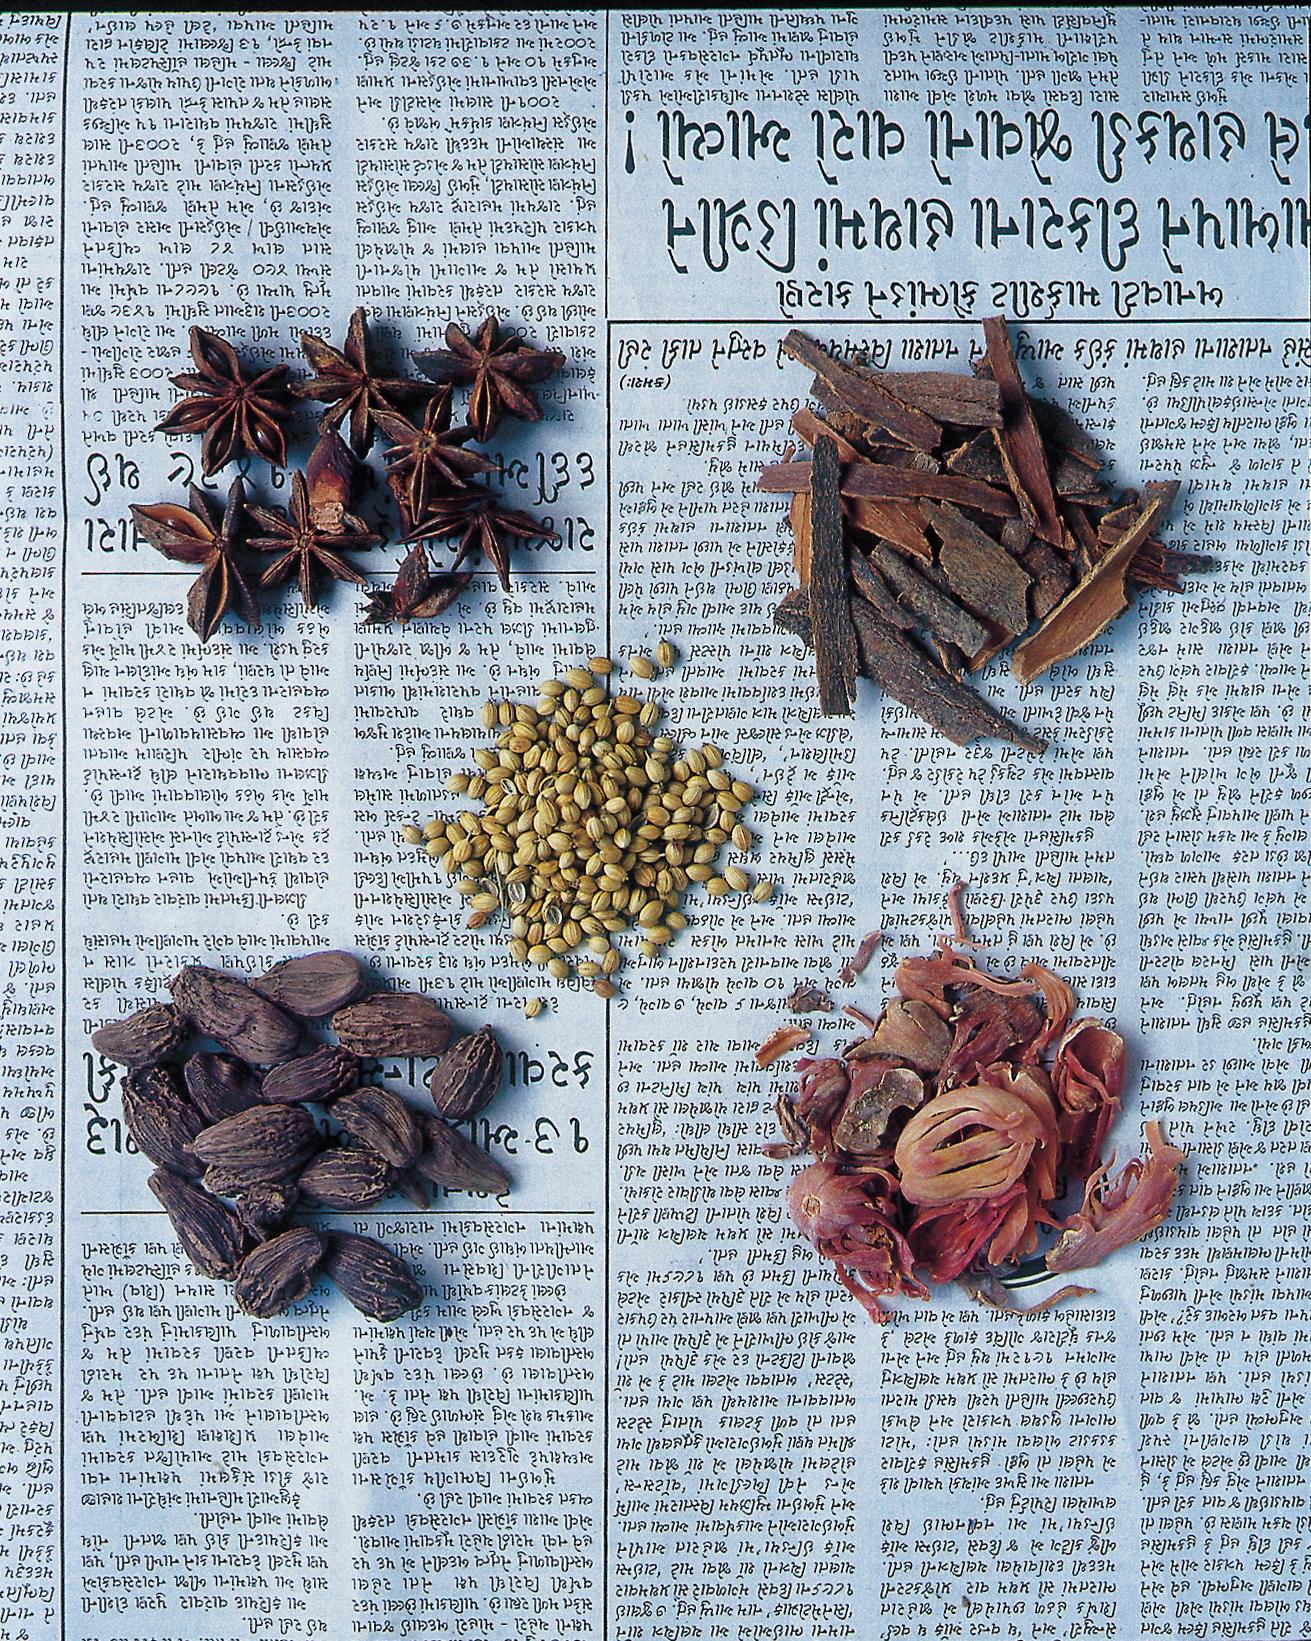 spices on newsprint